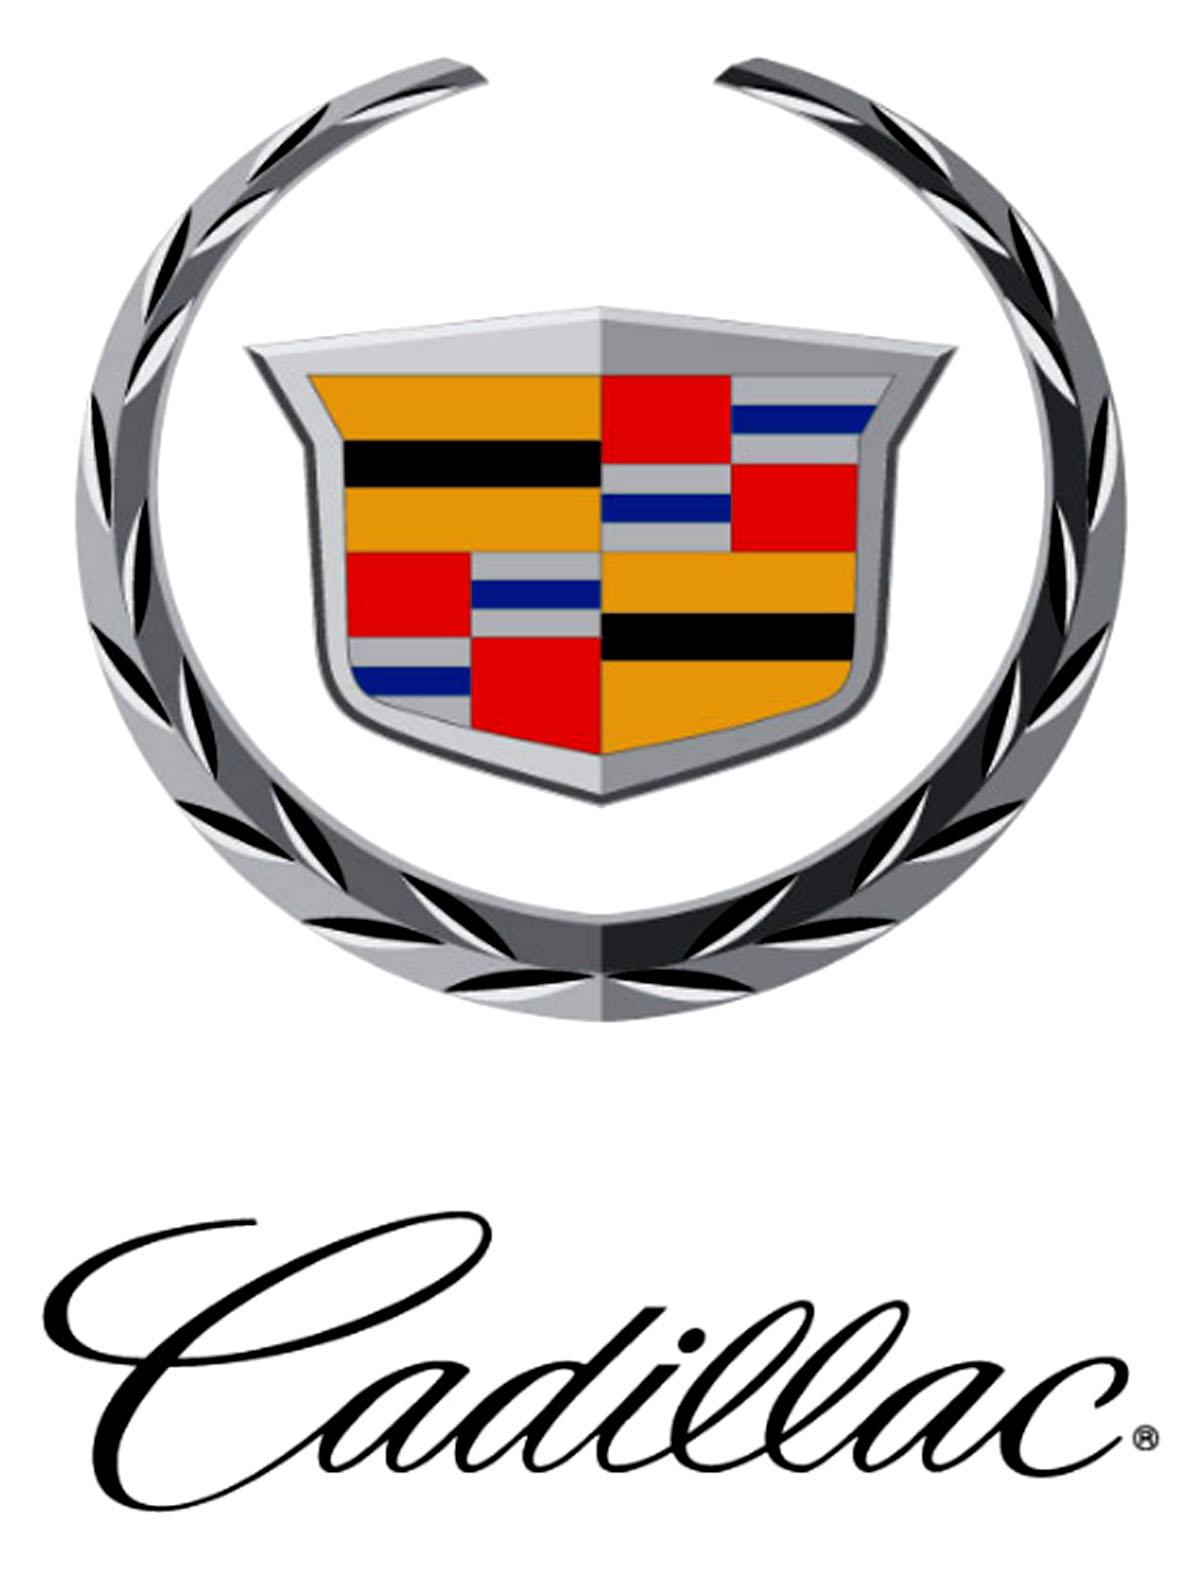 Logo Cadillac on Automobile Asbaquez